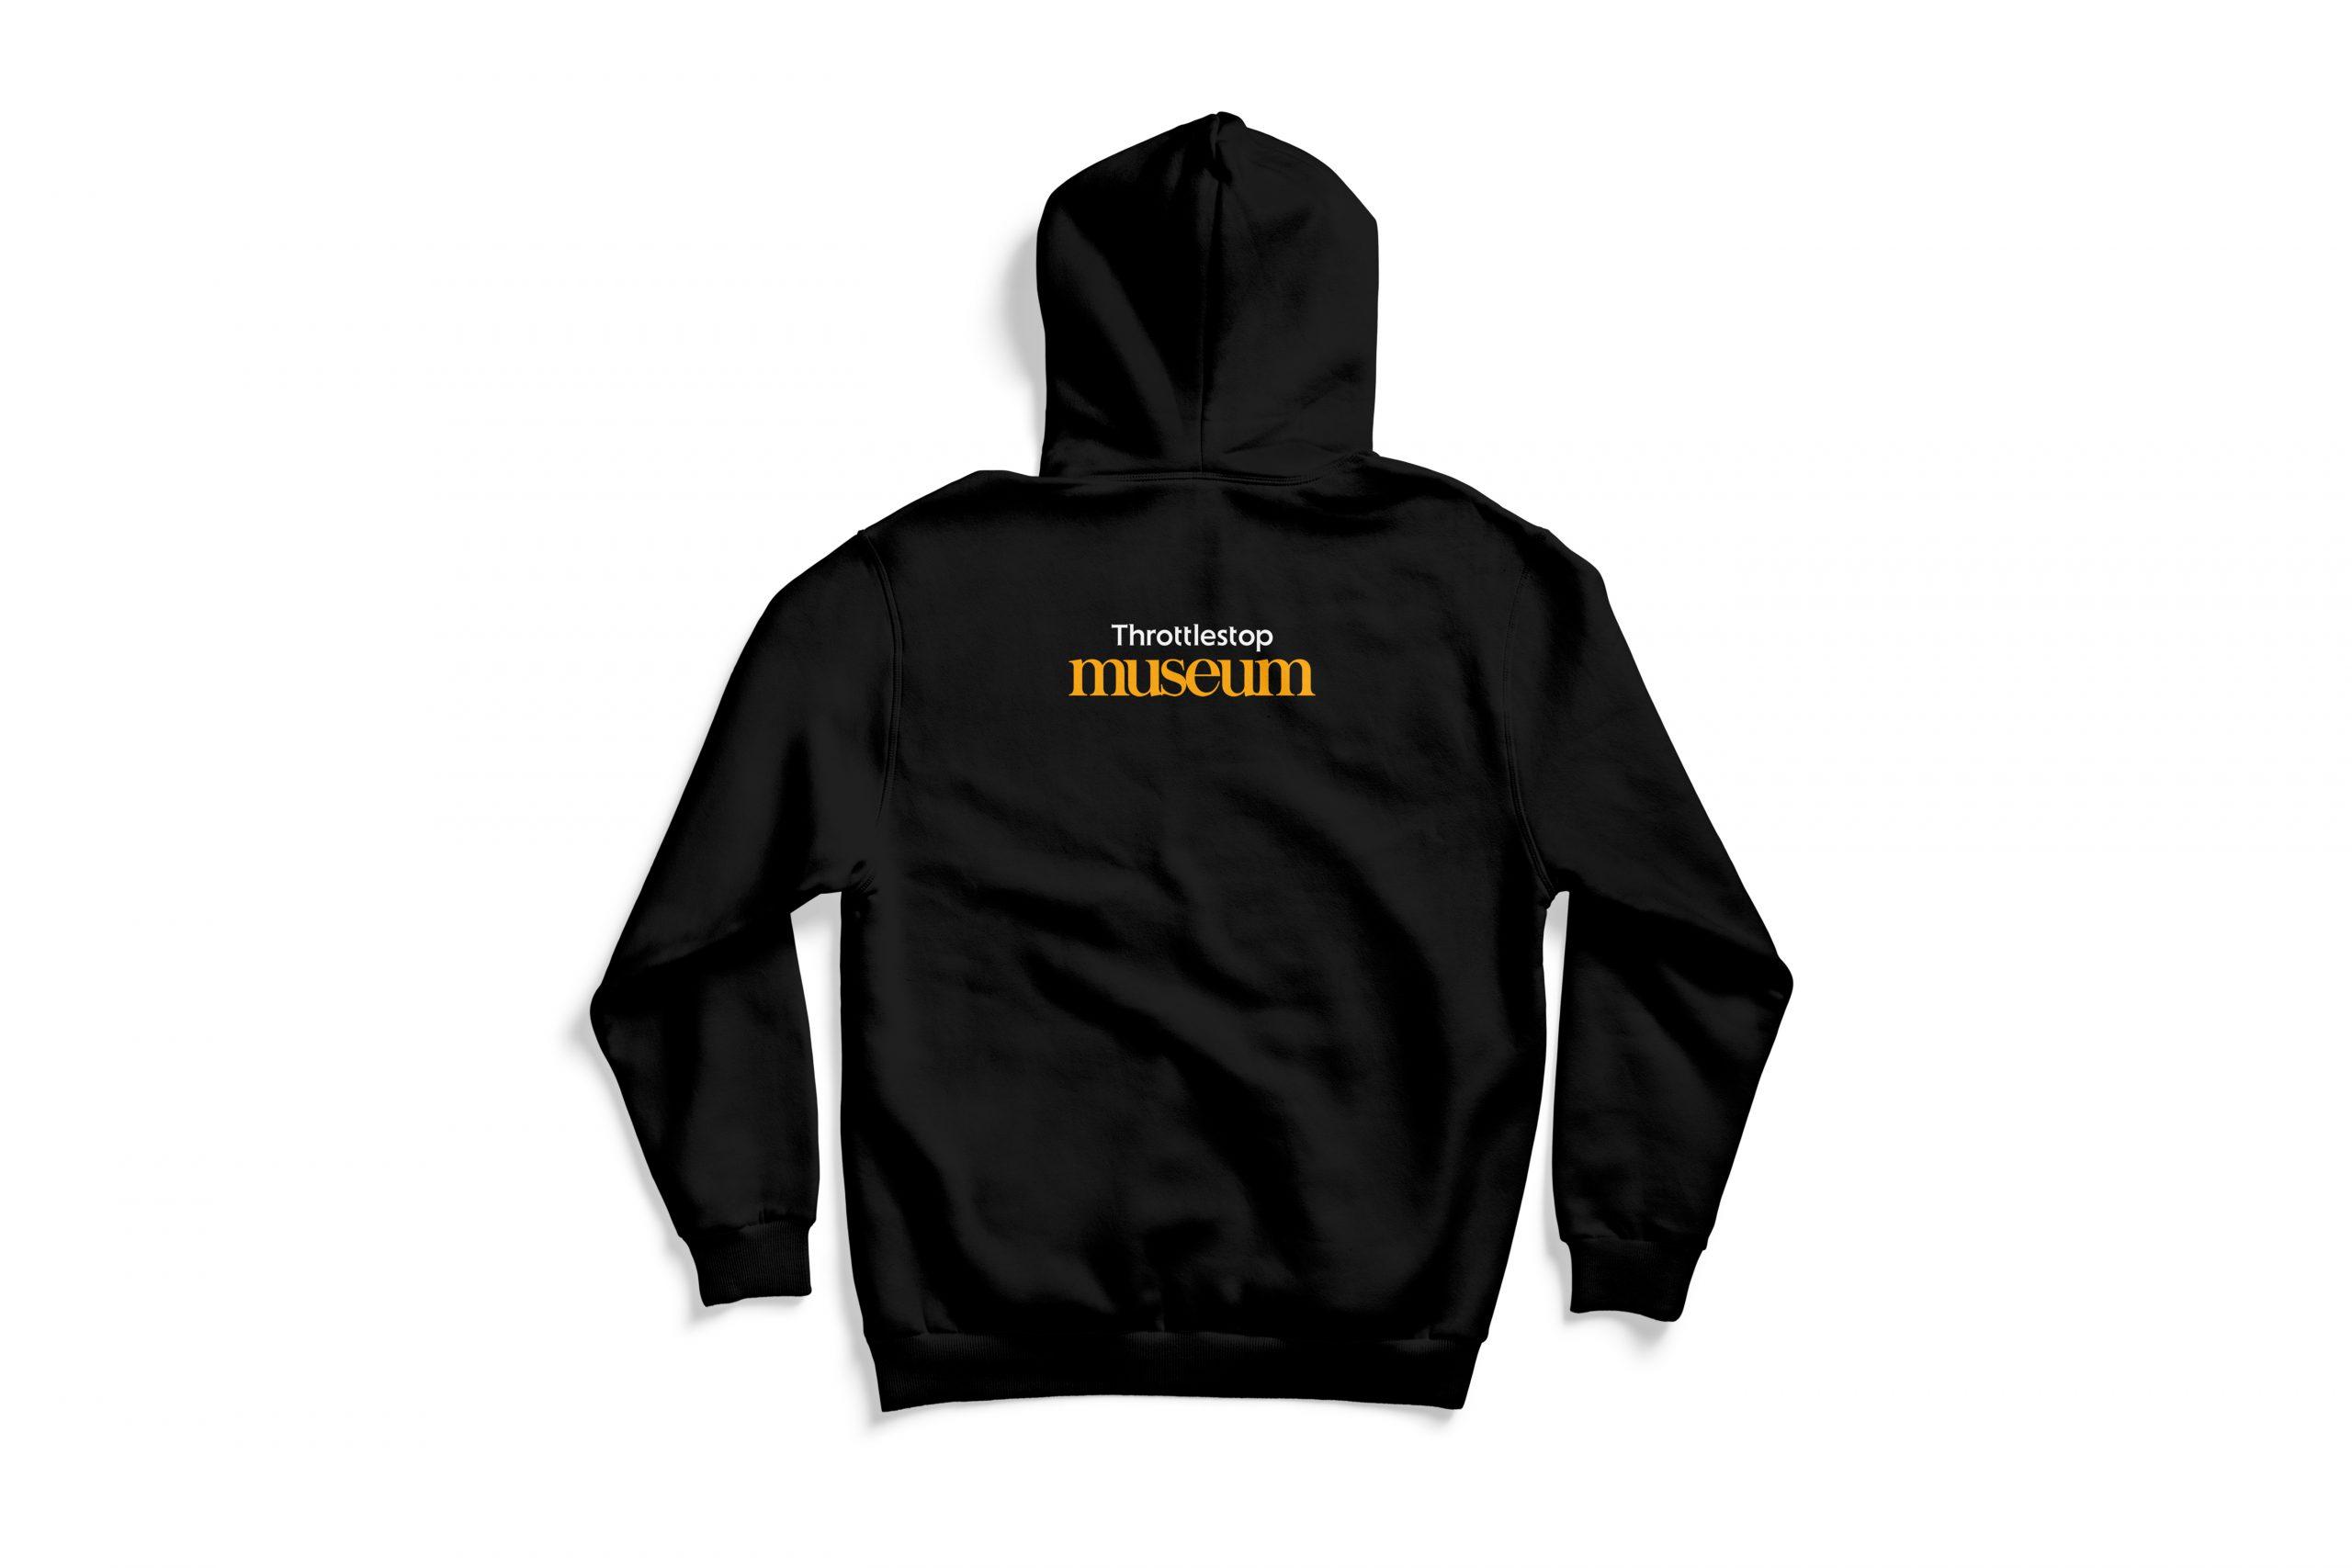 Back of black Flying Merkel hoodie